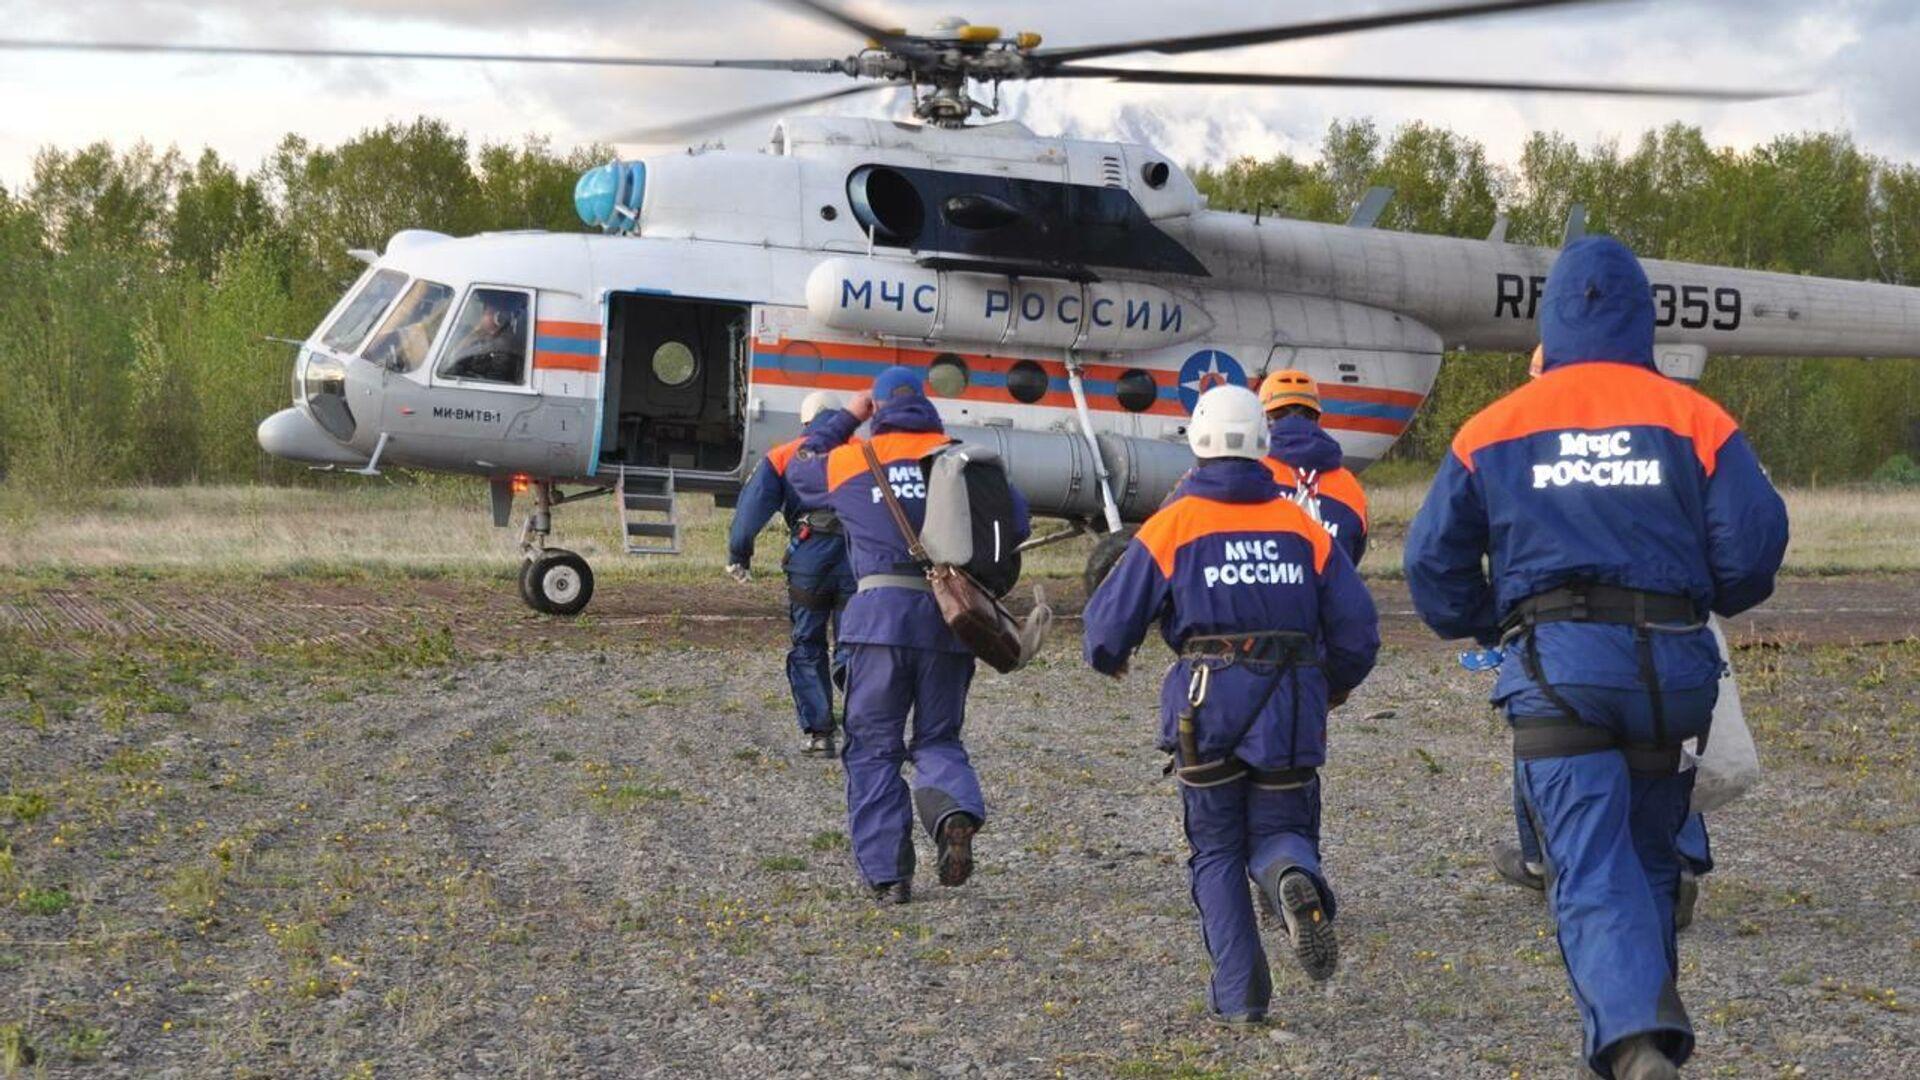 Mi-8-Absturz in Kamtschatka - SNA, 1920, 12.08.2021